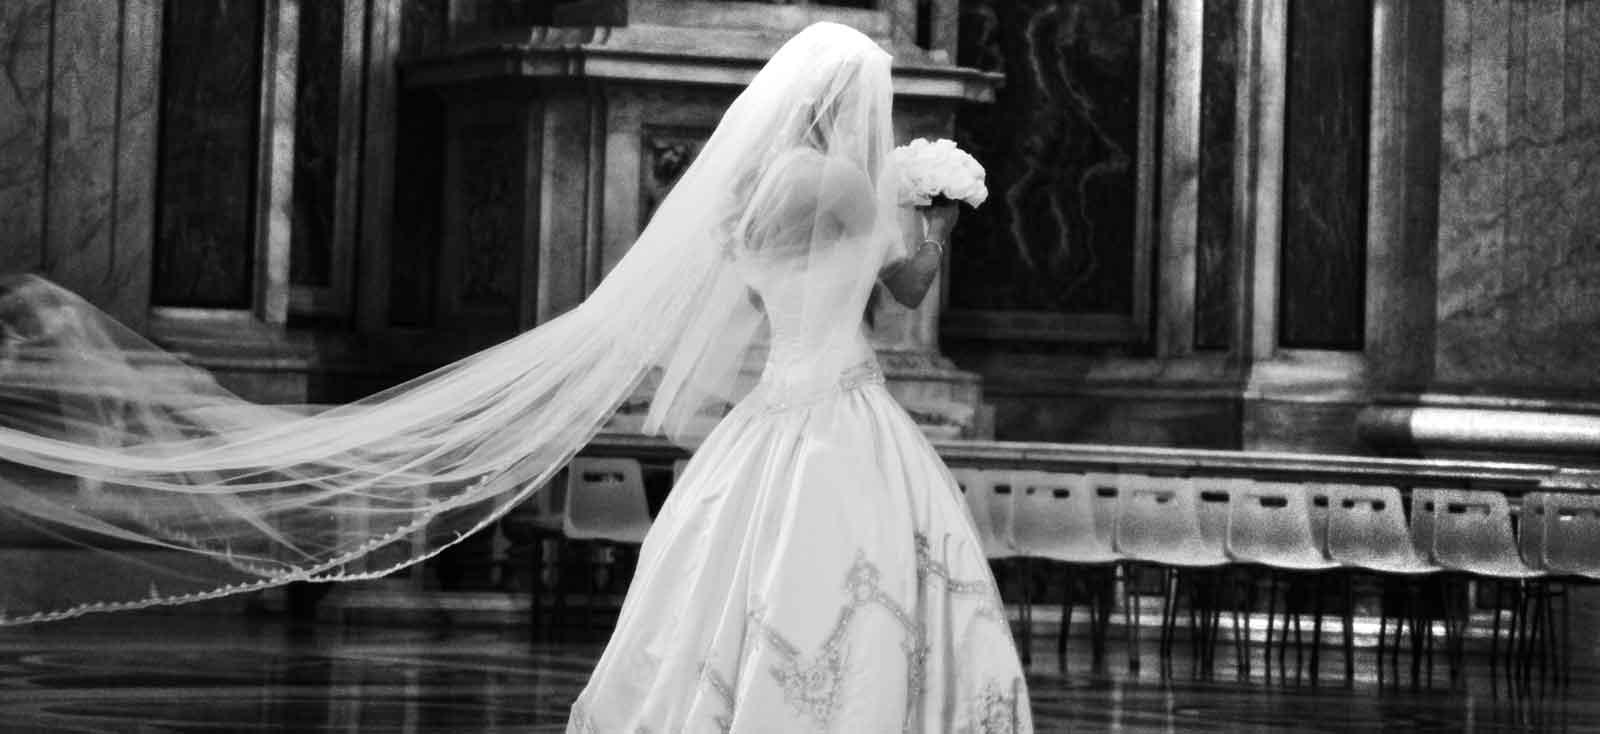 Catholic Ceremony In Italy